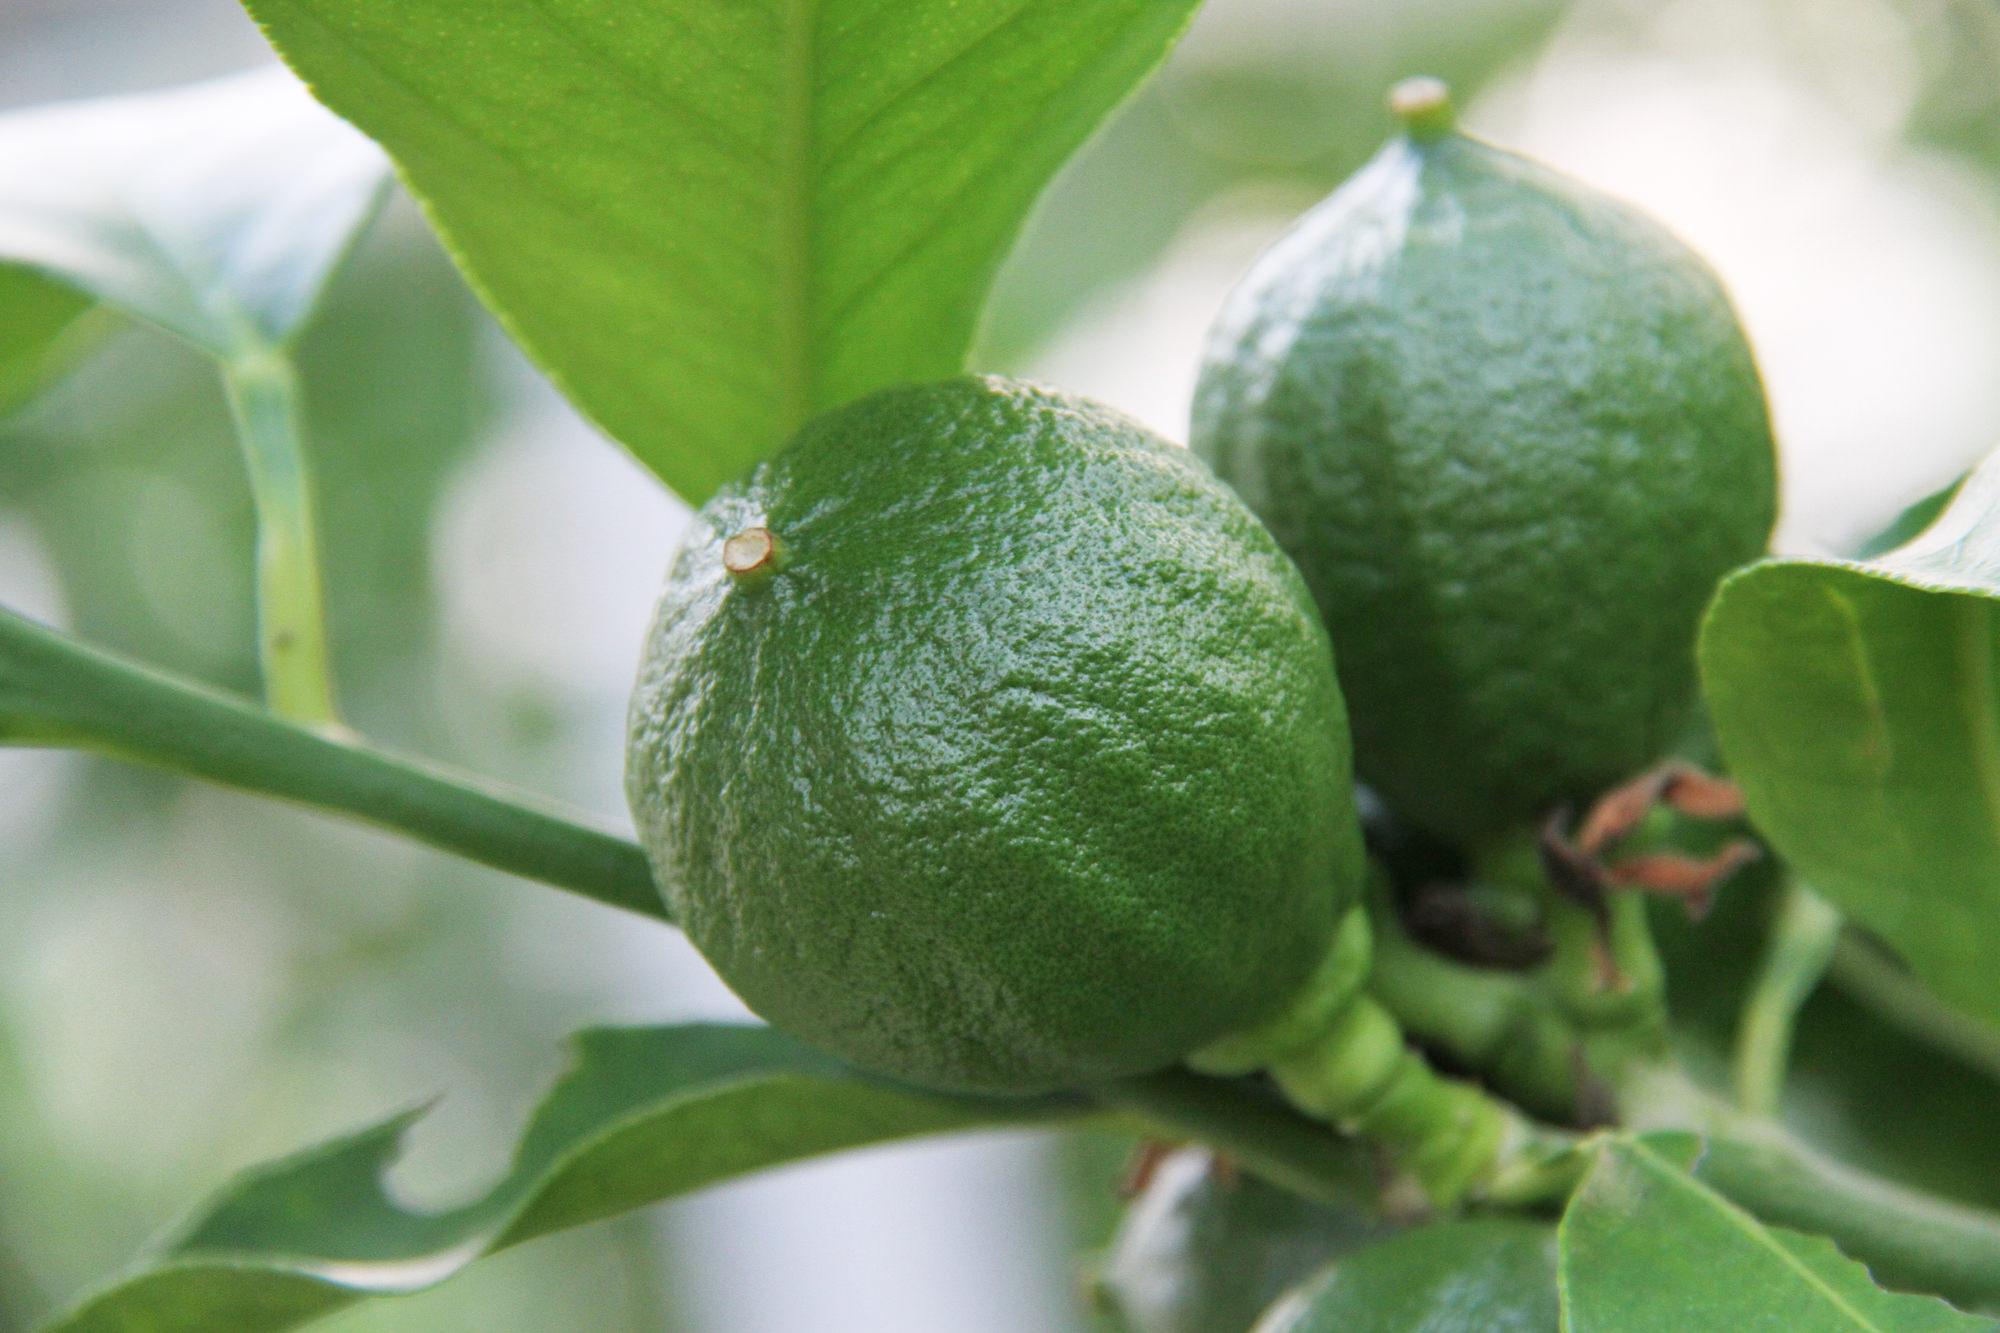 苦節5年。イタリアの柑橘類「ベルガモット」が、土佐に根付くまで_2